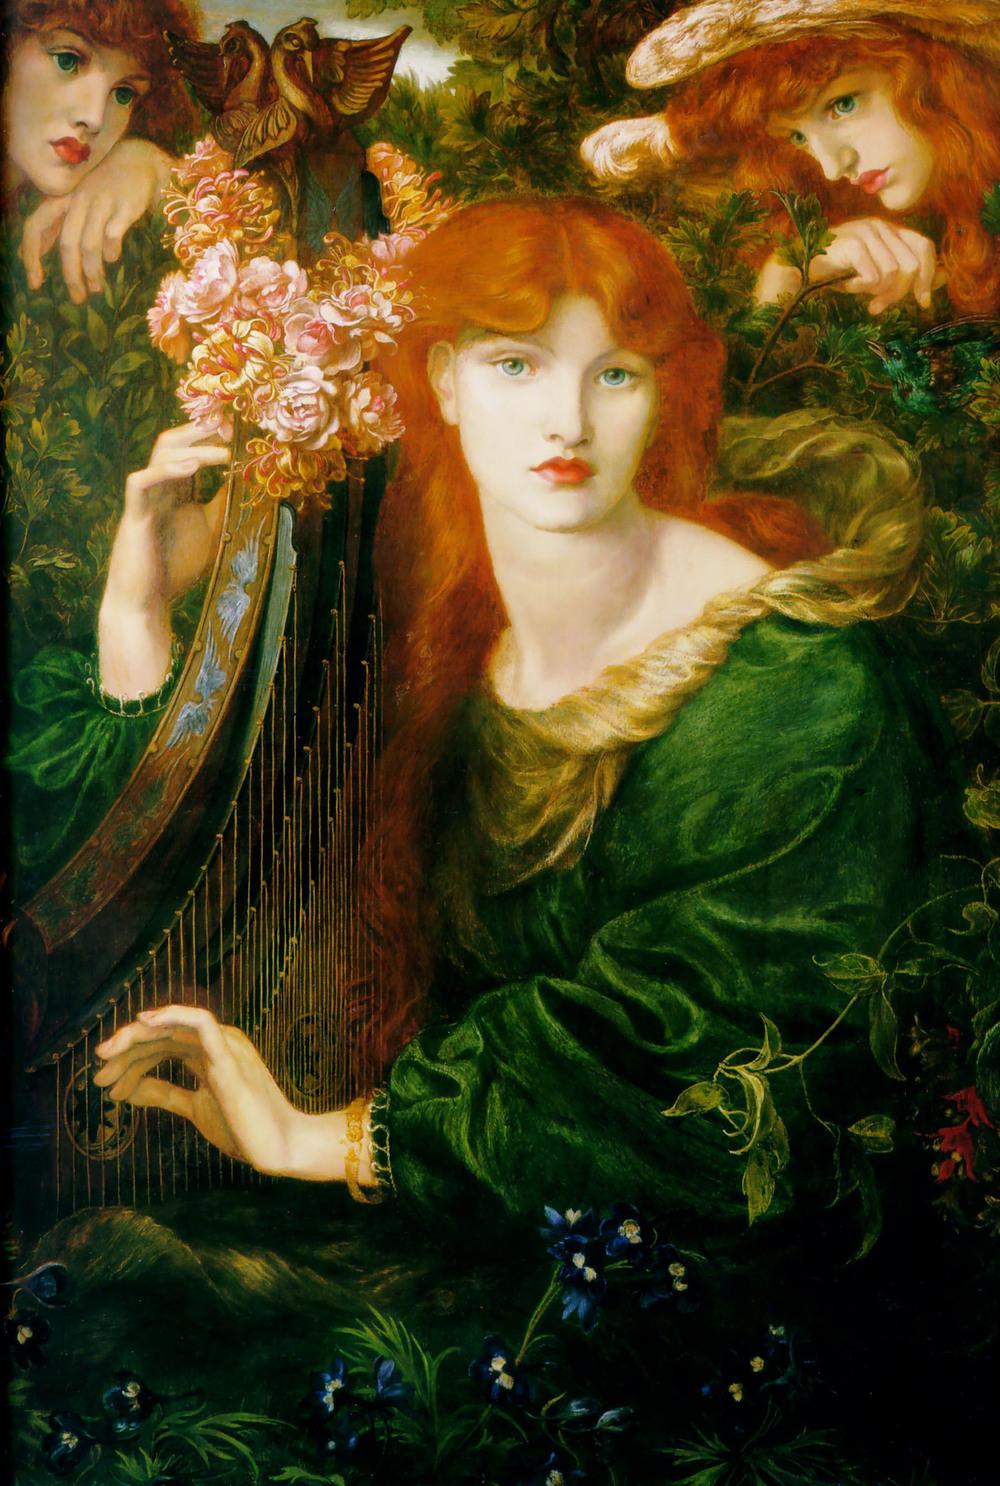 Rossetti,_Dante_Gabriel_-_La_Ghirlandata_-_1871-1874.jpg